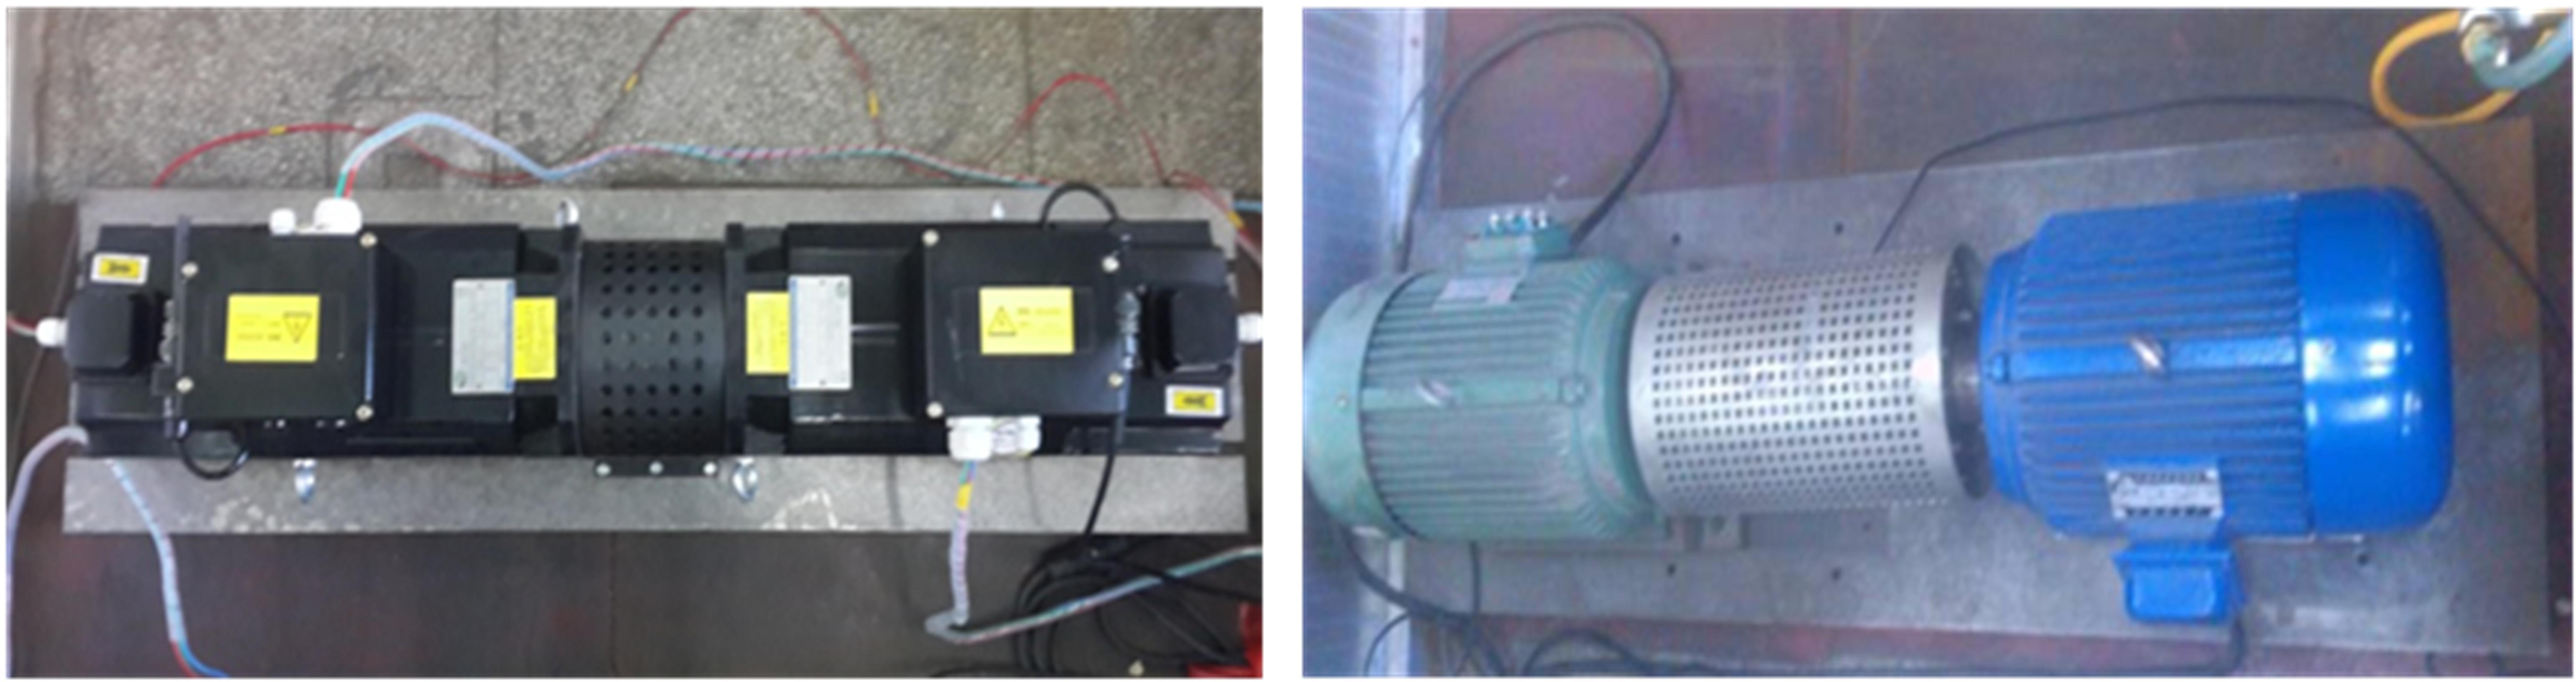 交流感应电机无速度传感器矢量控制